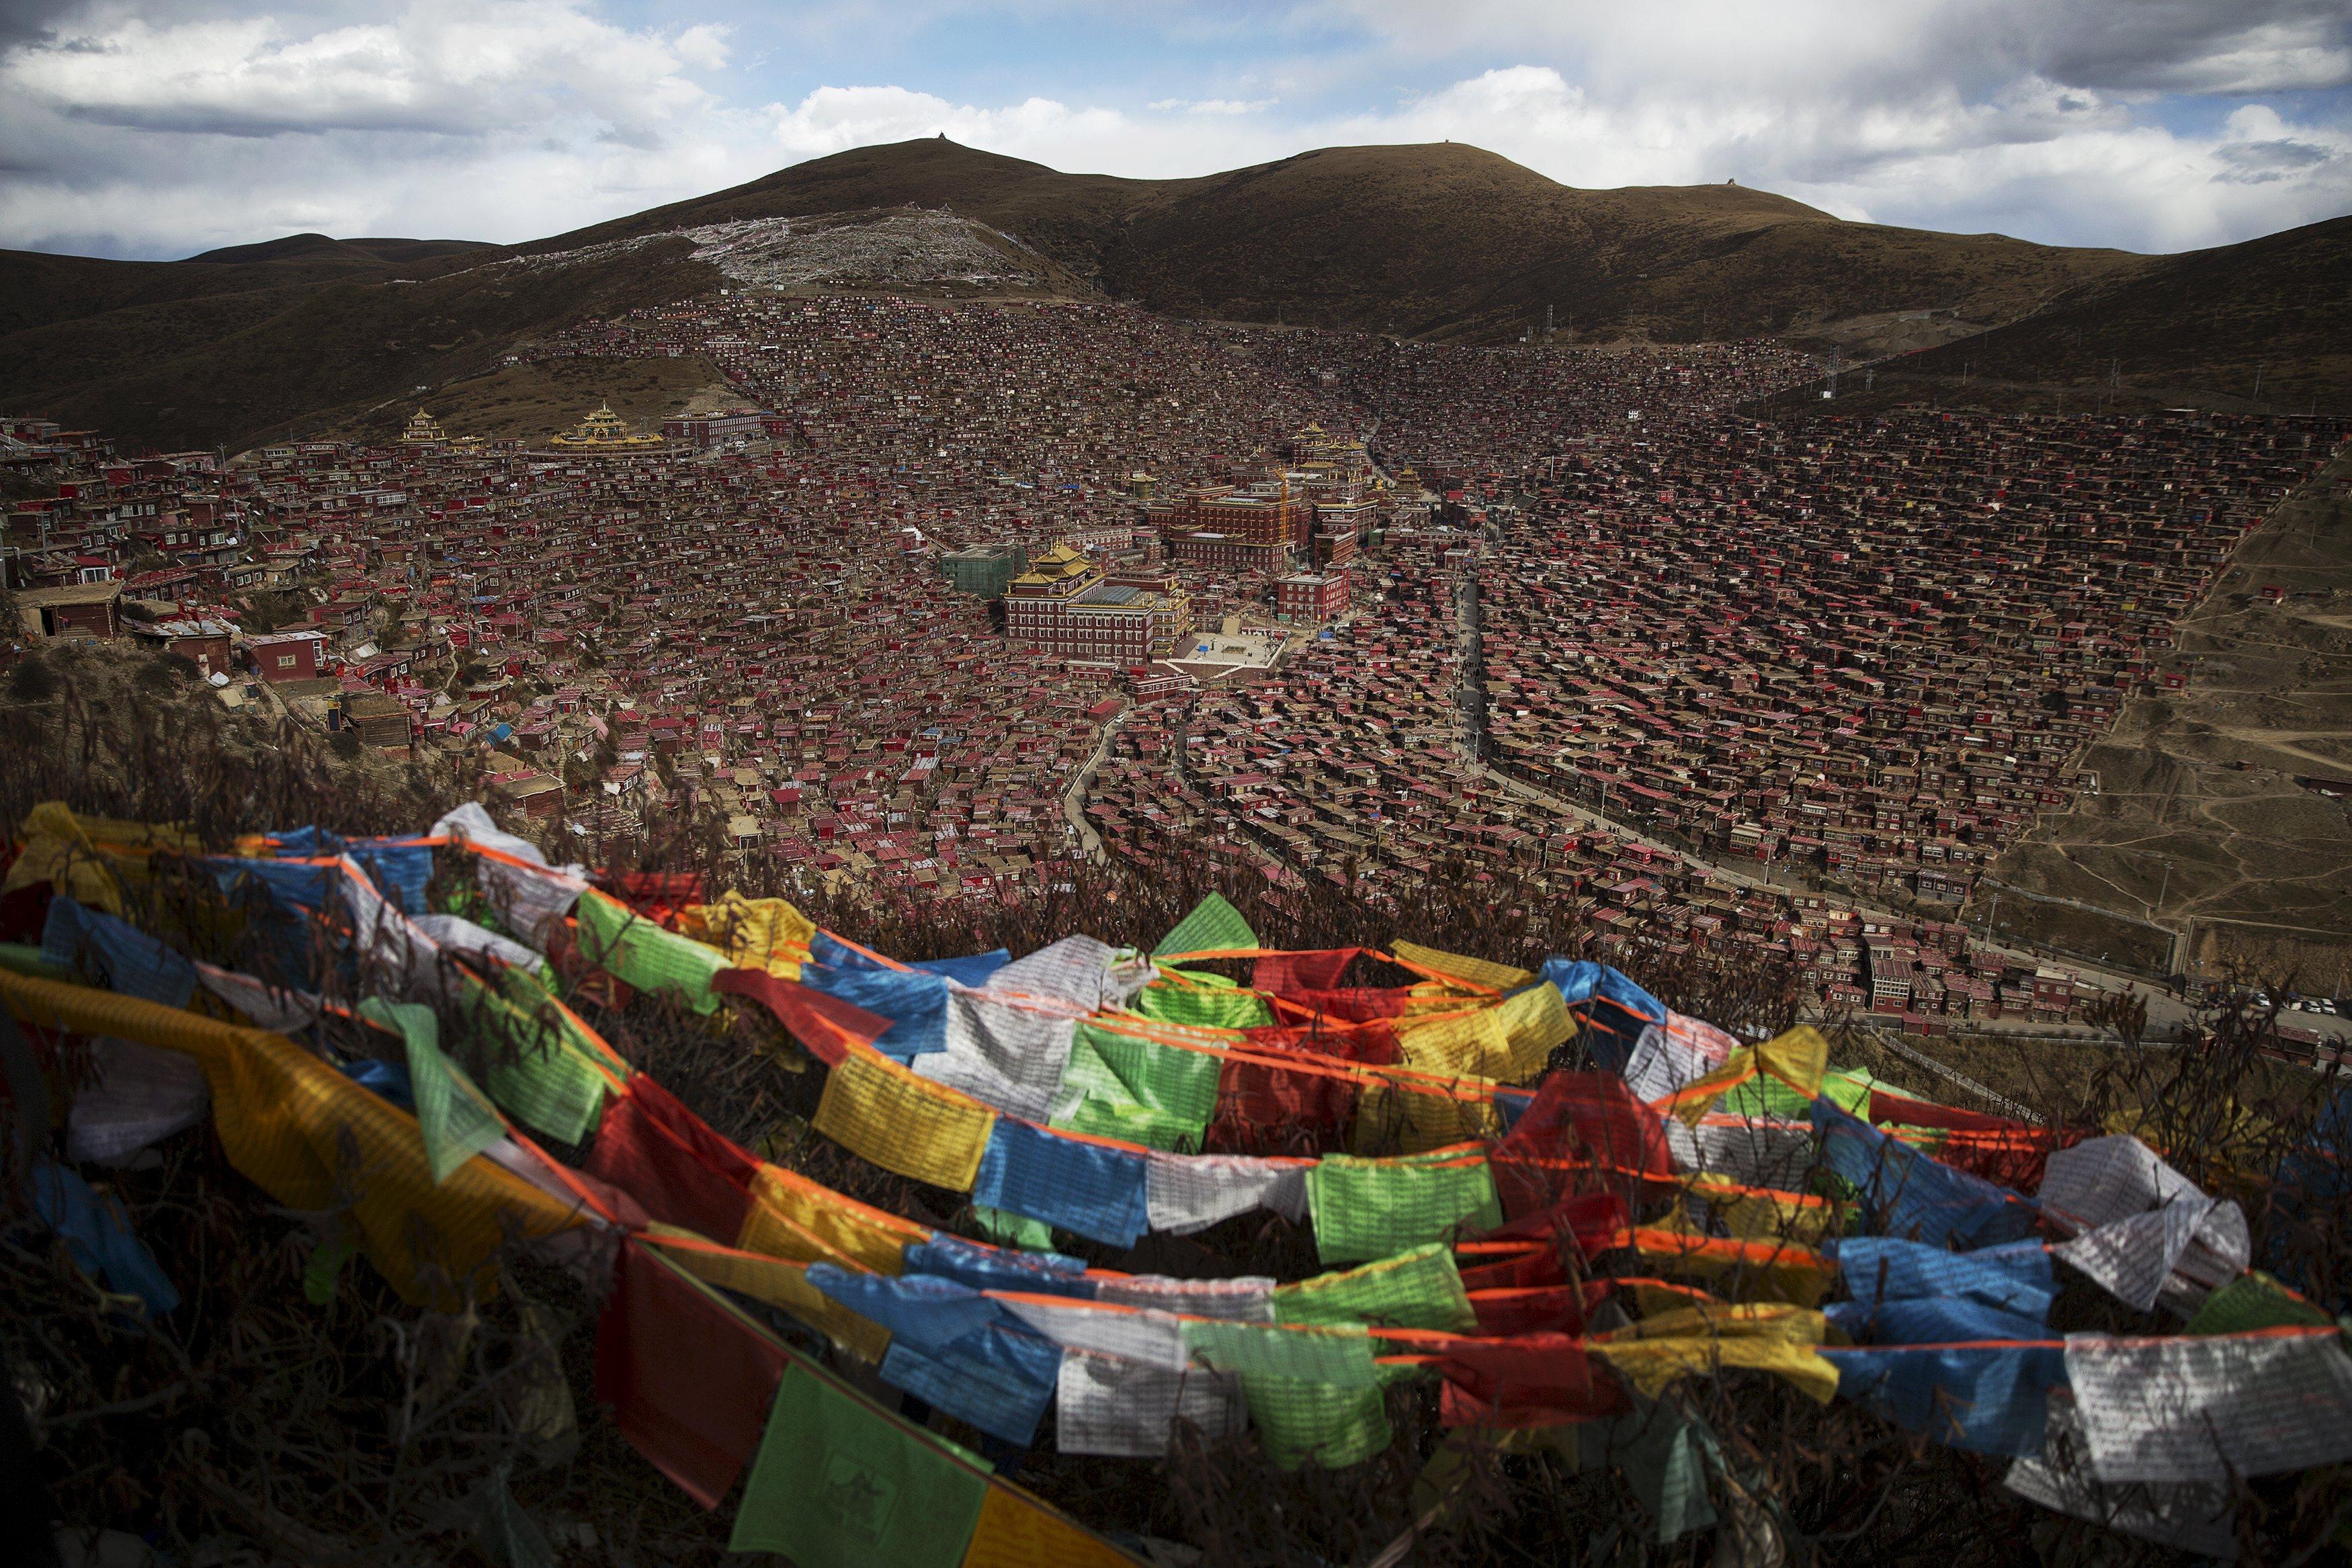 Bendera doa warga Tibet berkibar di atas lembah Larung tempat Institut Buddha Larung Wunning berlokasi, sekitar 3700-4000 meter di atas permukaan laut di wilayah terpencil Sertar, Perfektur Otonomi Tibet Garze, provinsi Sichuan, Tiongkok, Jumat (30/10). Institut tersebut didirikan pada 1980 oleh Khenpo Jigme Phunstok, seorang lama berpengaruh dari sekte Nyingma agama Buddha TIbet yang hanya memiliki 30 murid tetapi saat ini menjadi pusat studi agama Buddha terbesar di dunia. Saat ini, ribuan biksu dan biksuni tinggal di rumah kecil dan kabin log mengelilingi Institut. Gambar diambil Jumat (30/10). ANTARA FOTO/REUTERS/Damir Sagolj.